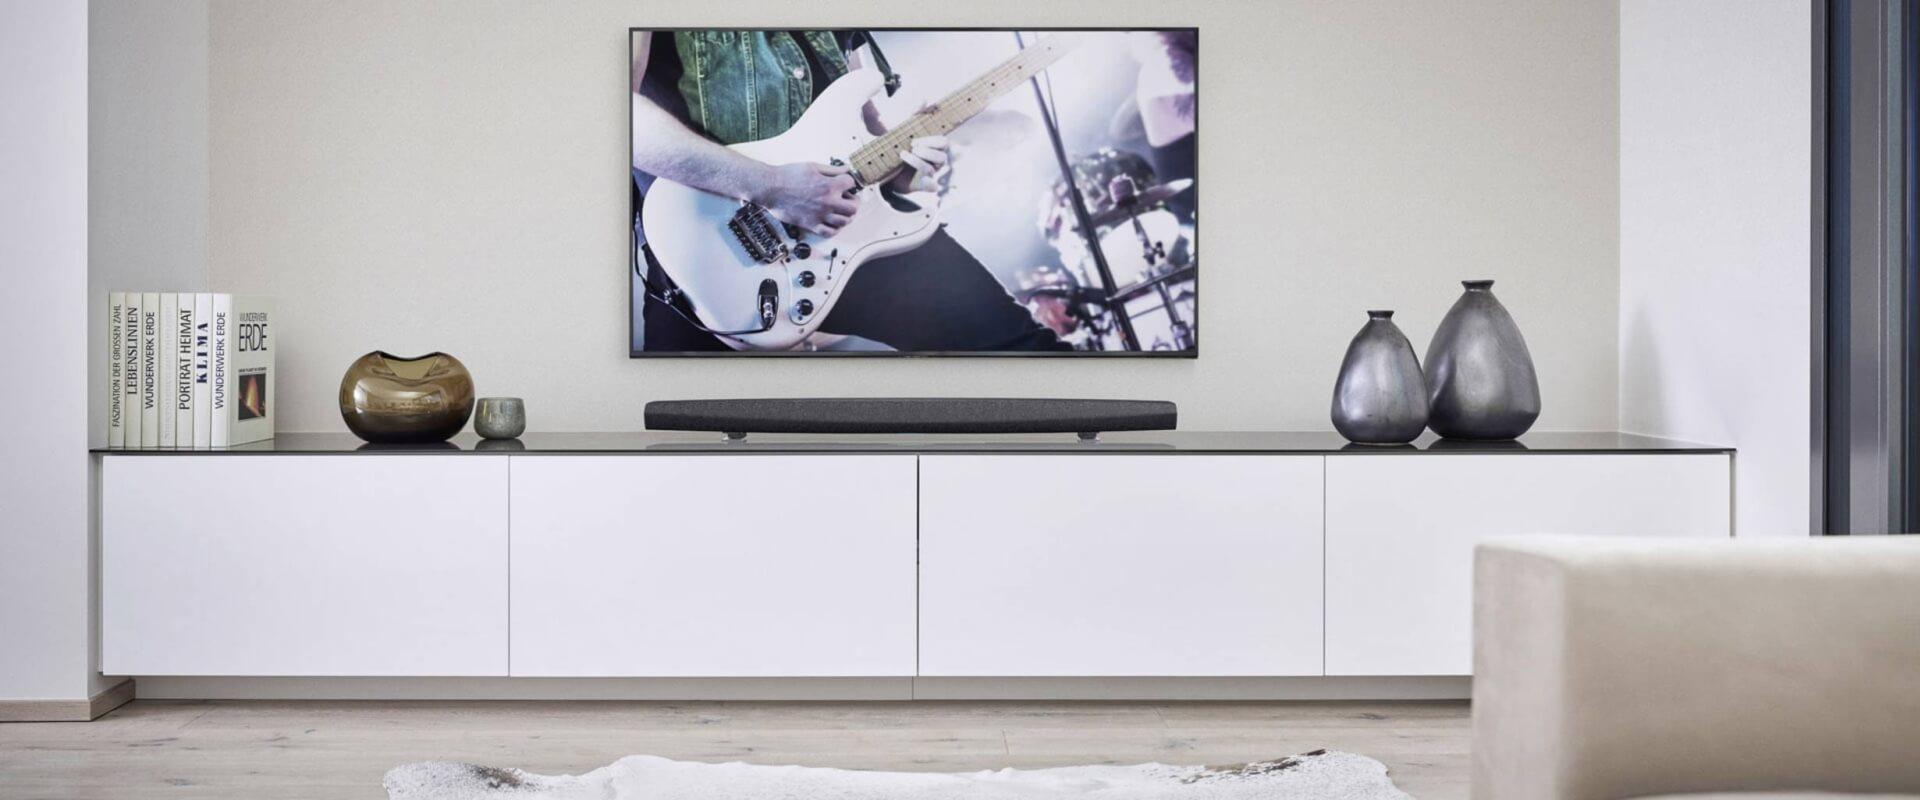 TV Sound verbessern leicht gemacht - Heimkino.de Ratgeber